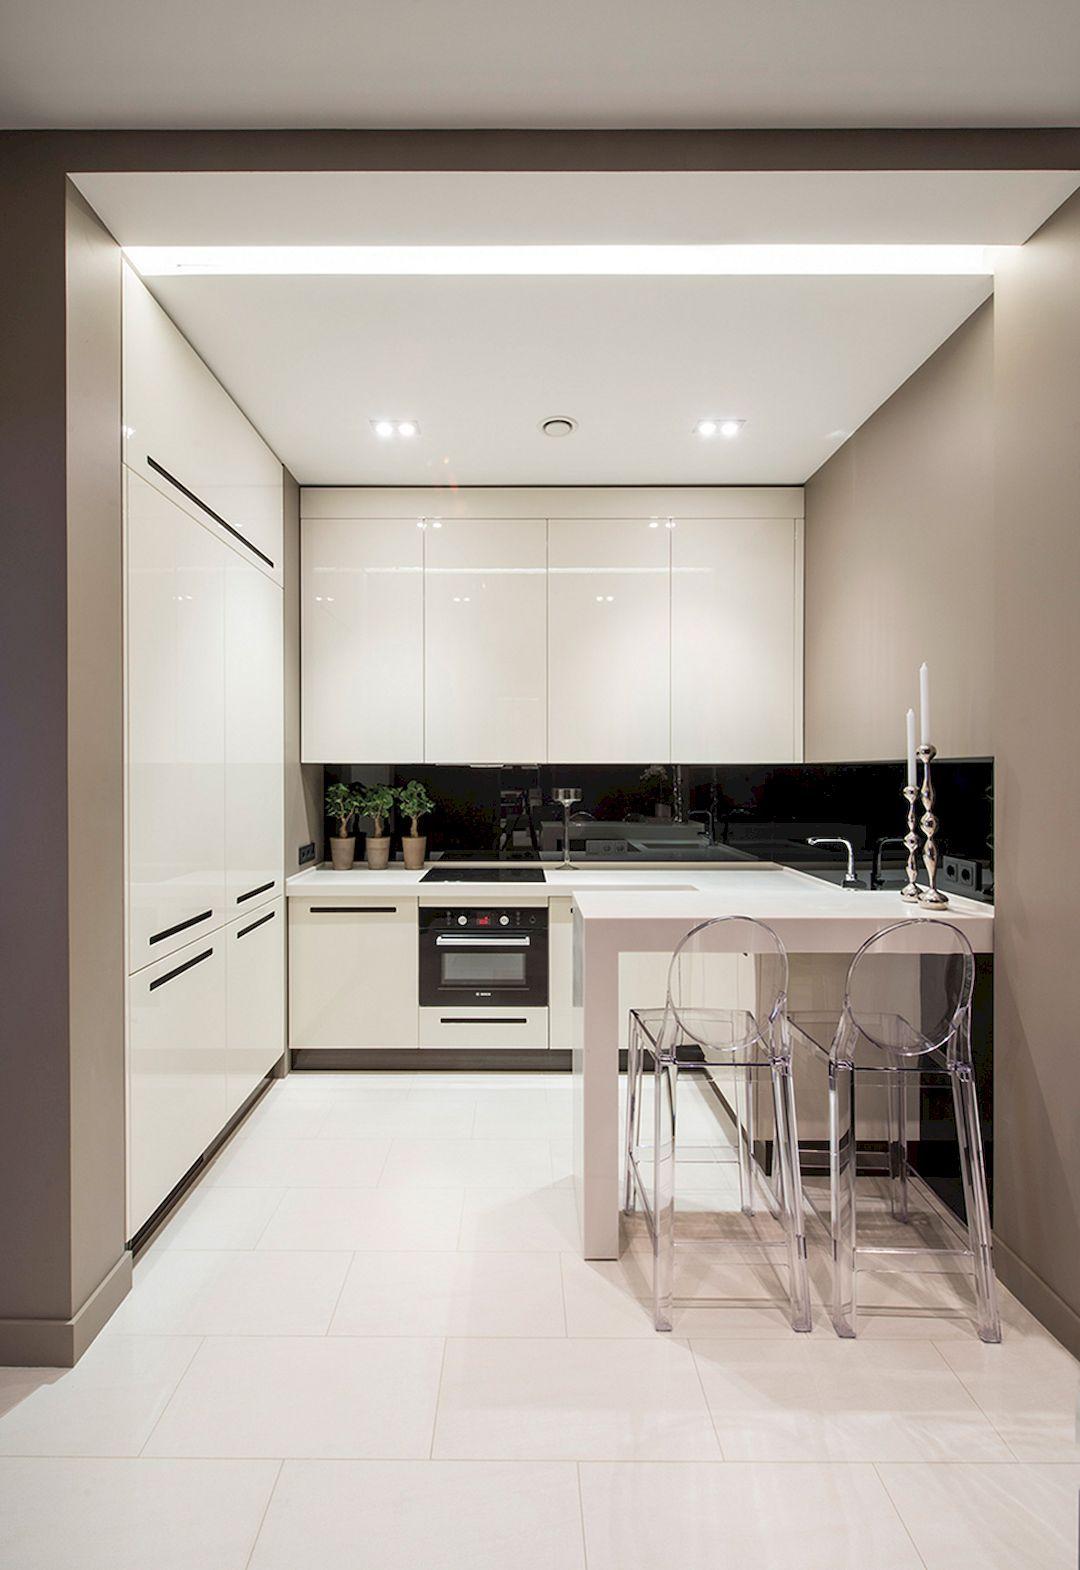 Best kitchen remodeling ideas modern design photos kitchens